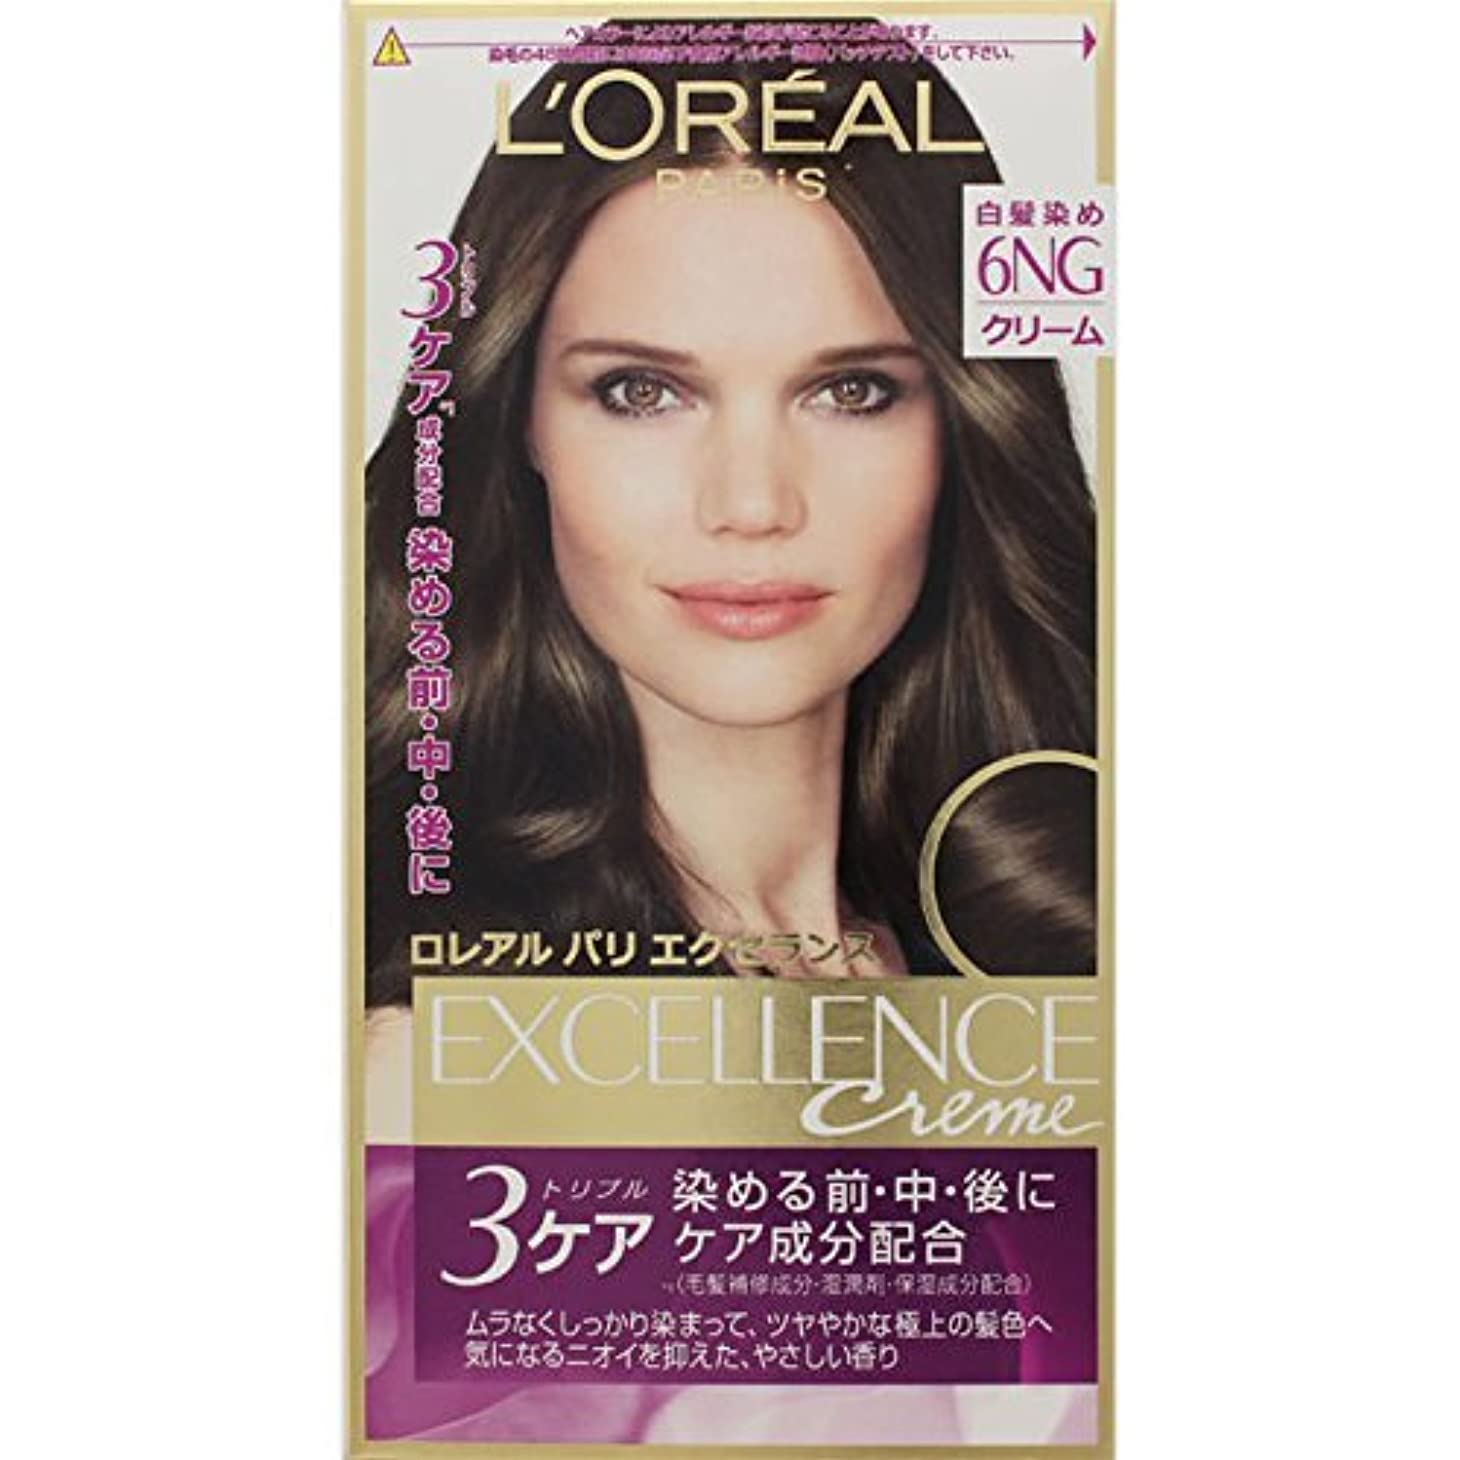 帝国主義バッジ信頼ロレアル パリ ヘアカラー 白髪染め エクセランス N クリームタイプ 6NG 緑がかったやや明るい栗色